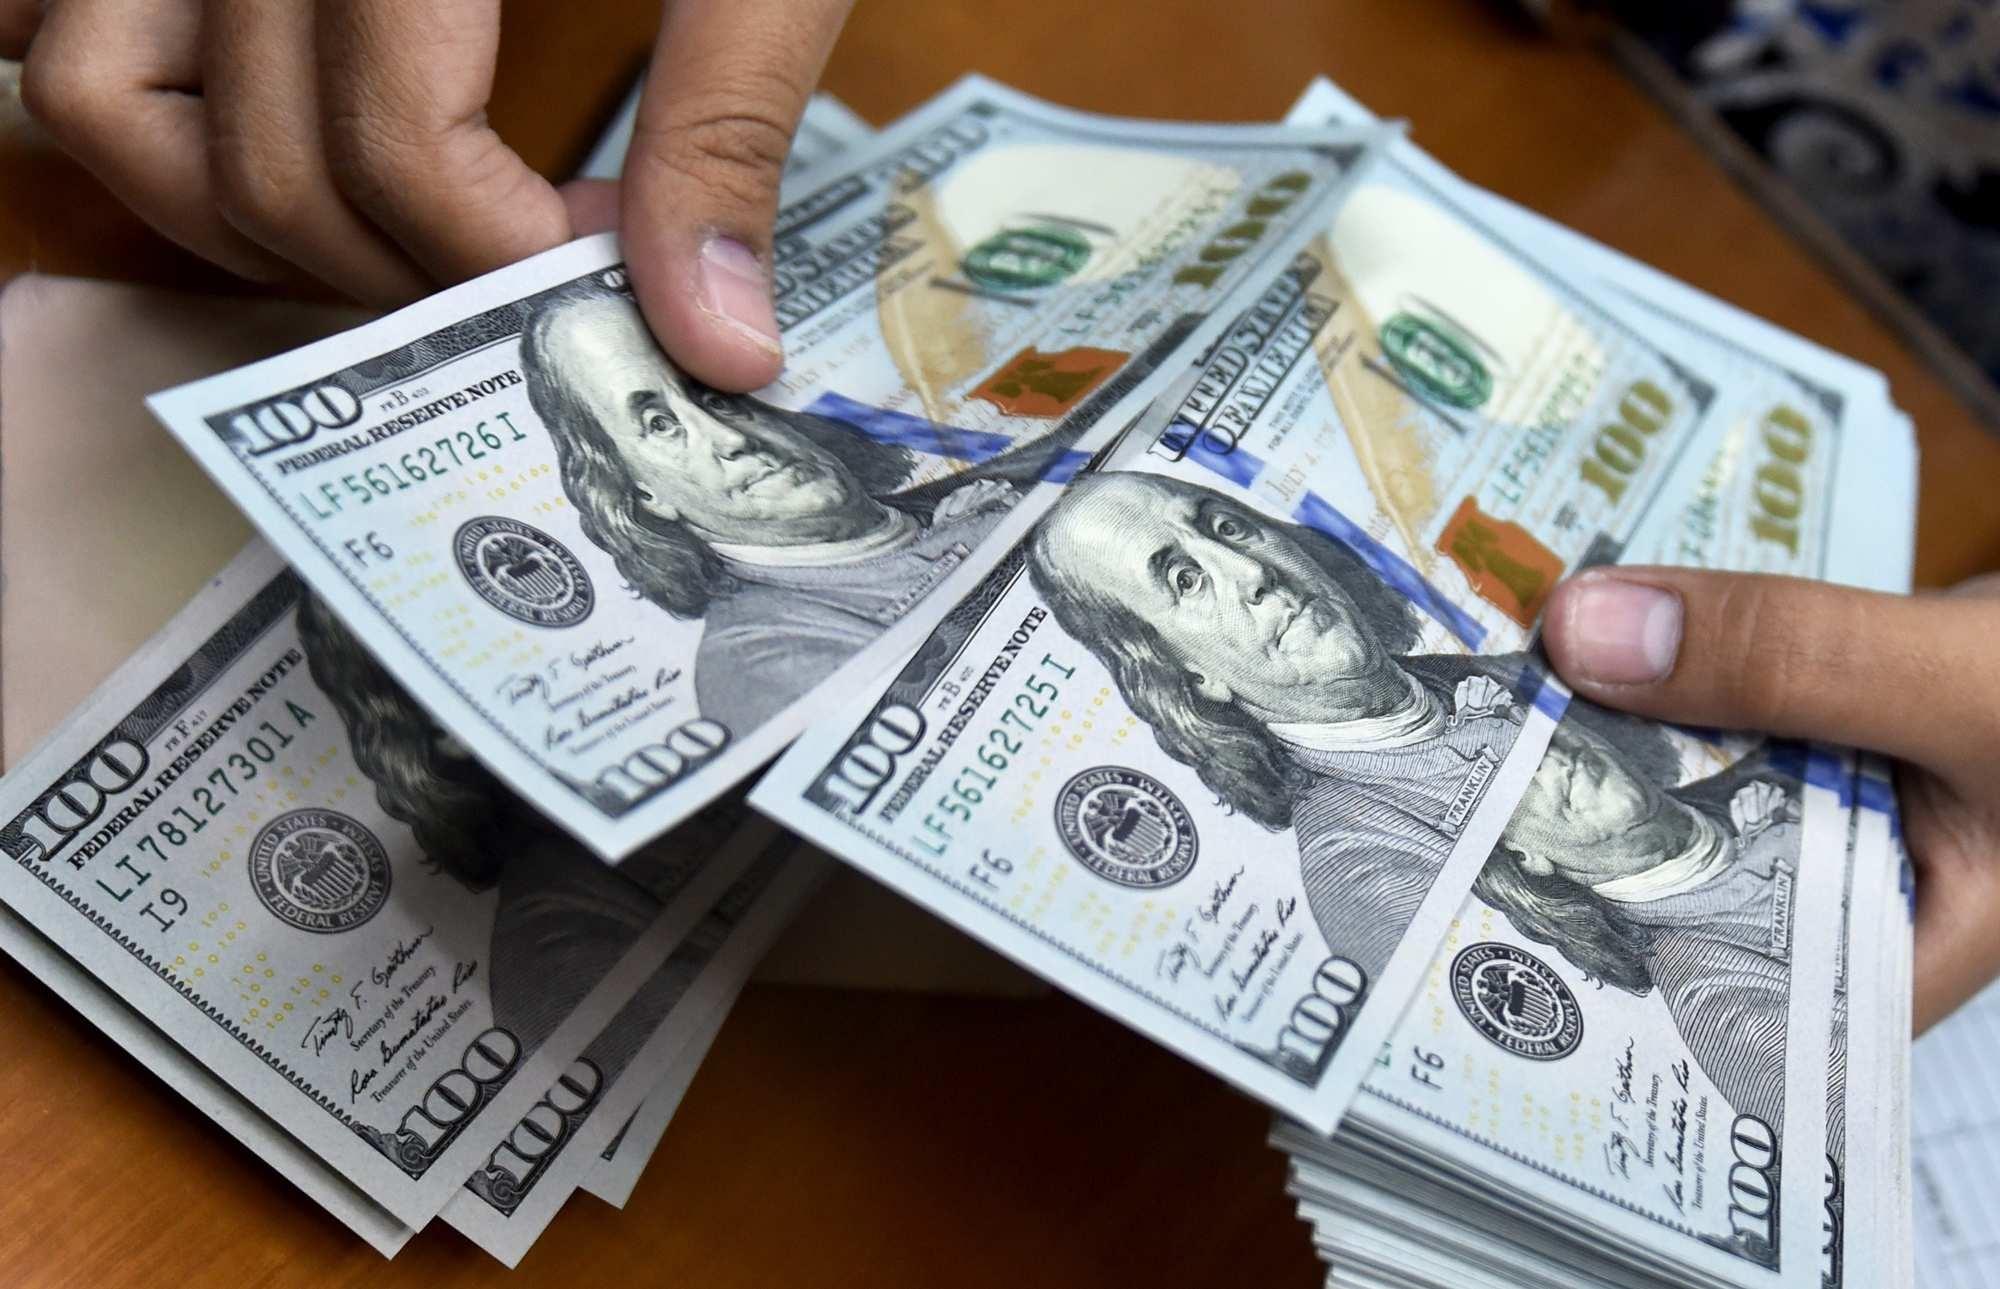 پیشبینی سقوط نرخ ارز تا زیر 10 هزار تومان؛ بانک مرکزی به میدان آمد و کمر دلار را شکست - 3